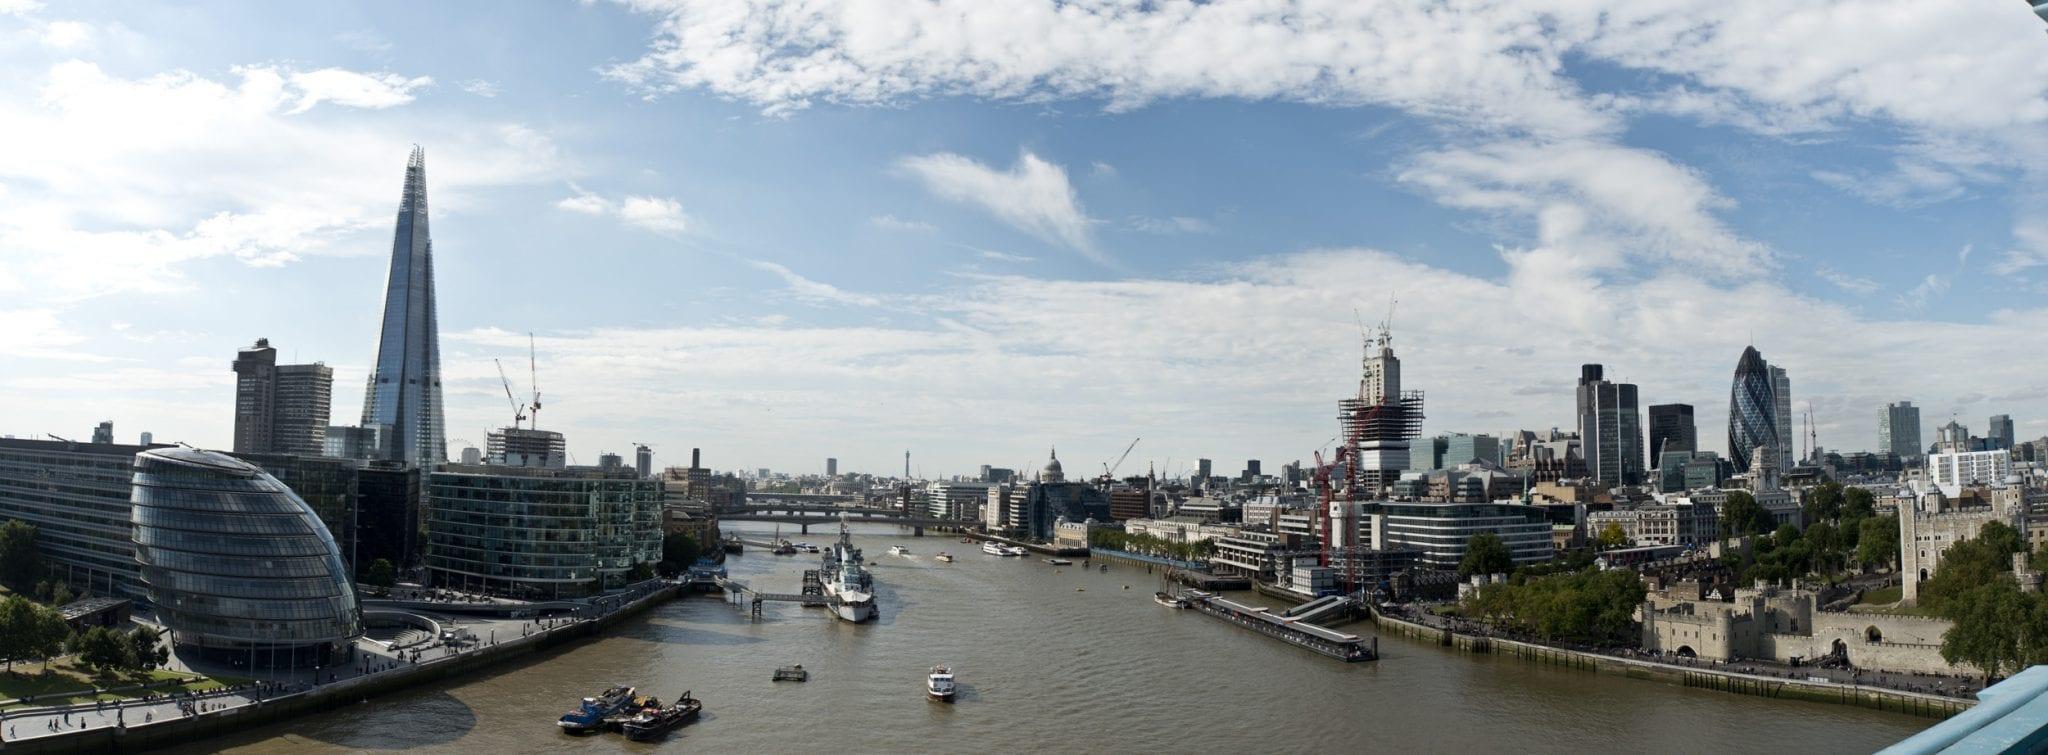 Ciudades de Inglaterra más pobladas: Londres, la capital